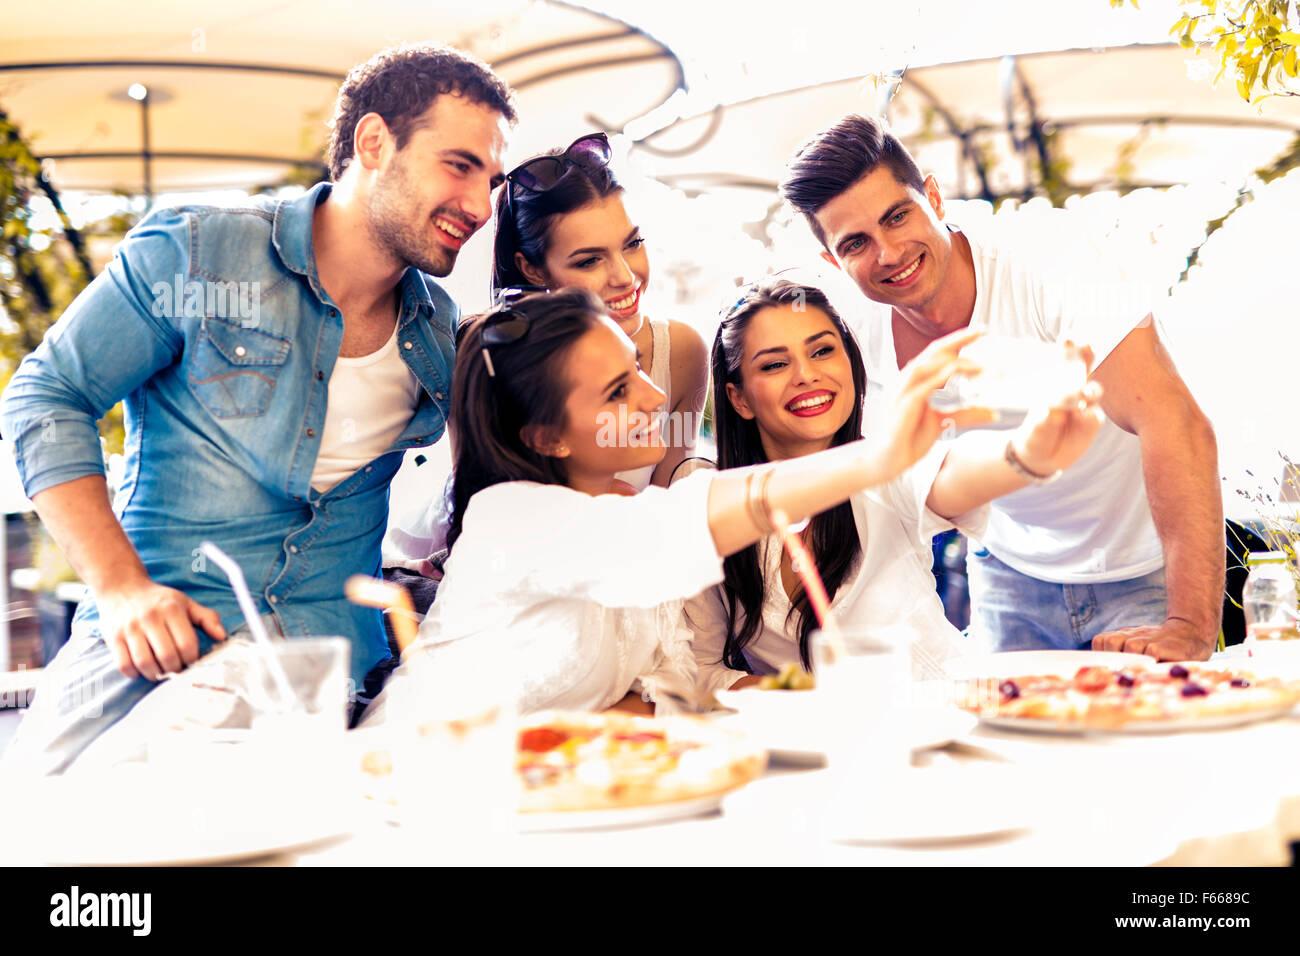 Un gruppo di giovani belle persone sedute in un ristorante e prendendo un selfie mentre sorridente Foto Stock